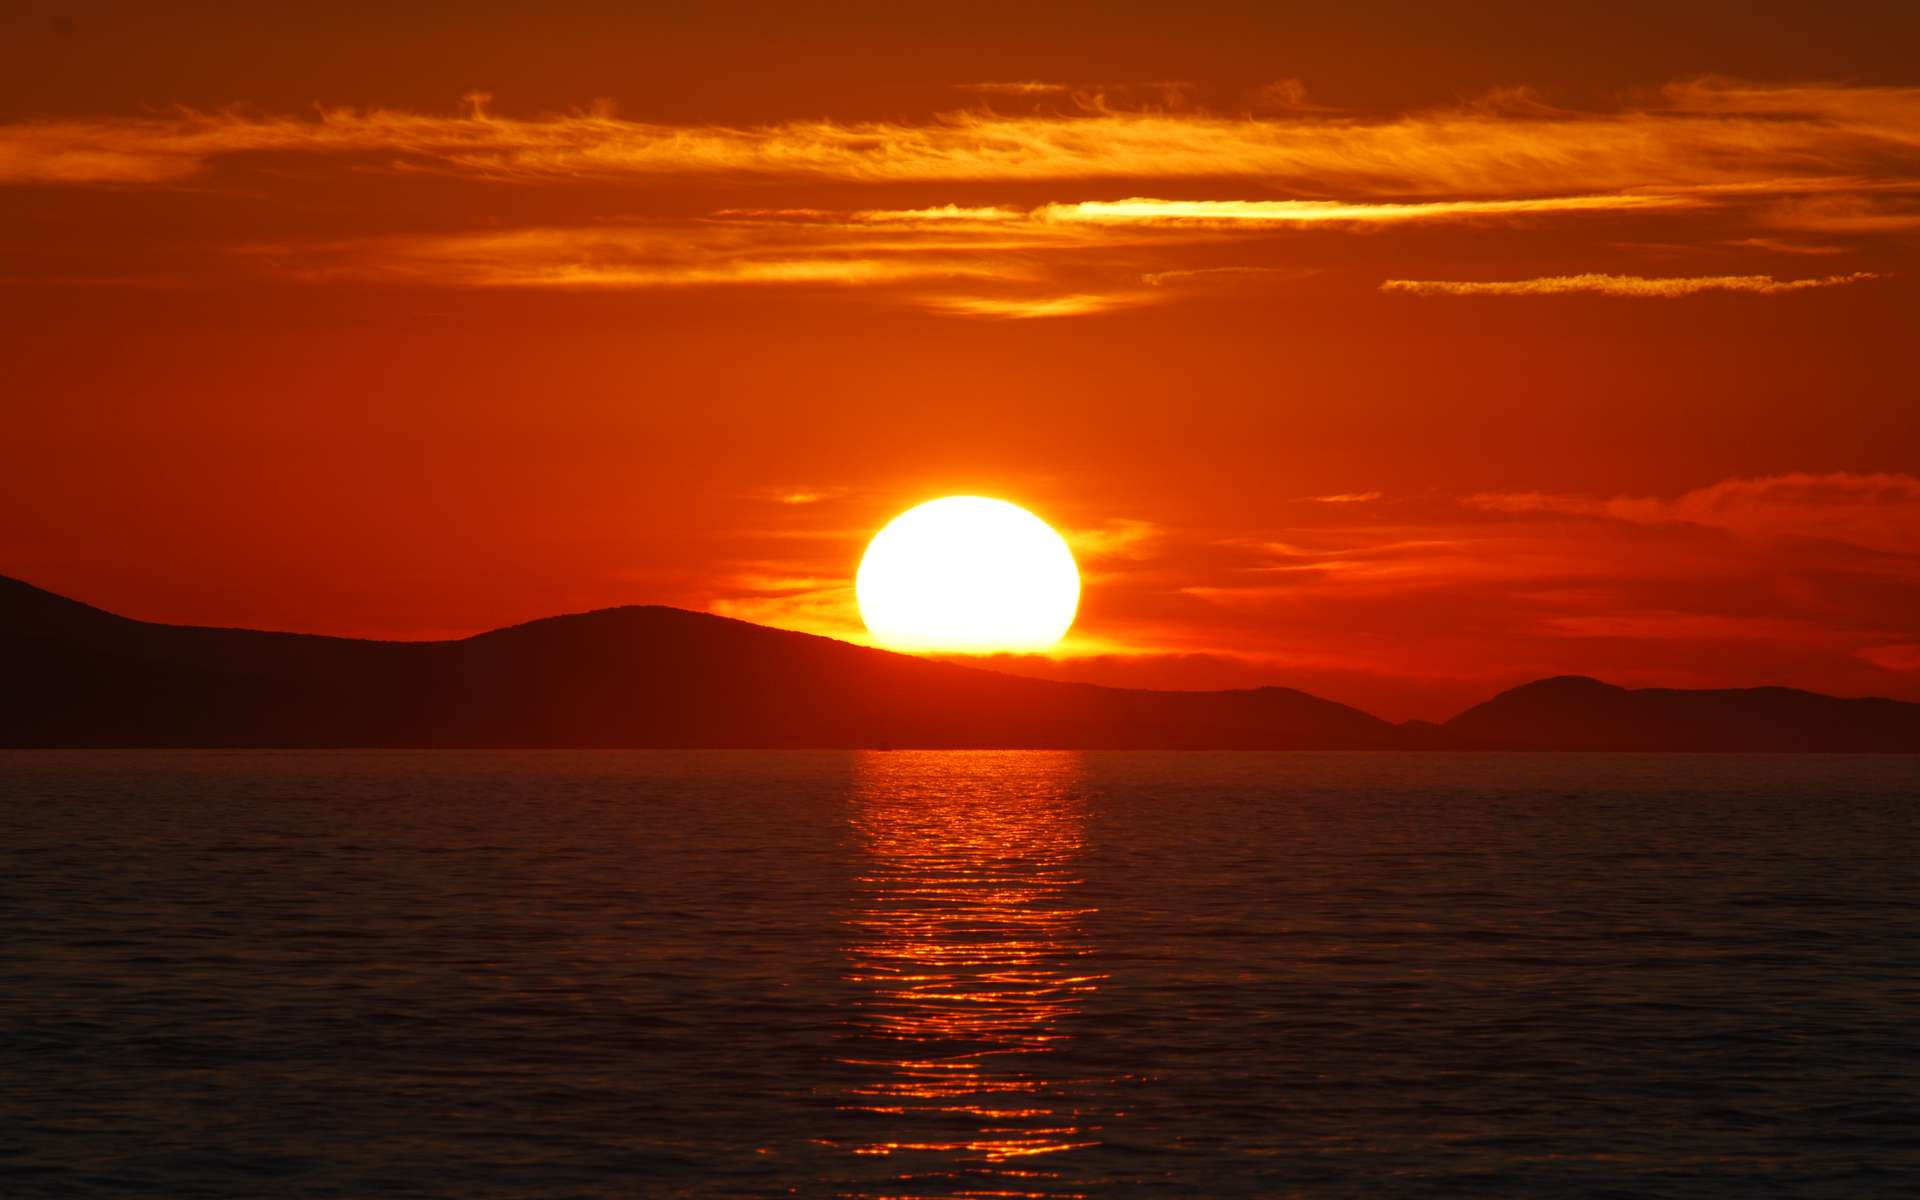 Coucher de soleil aux tropiques. © underworld, fotolia